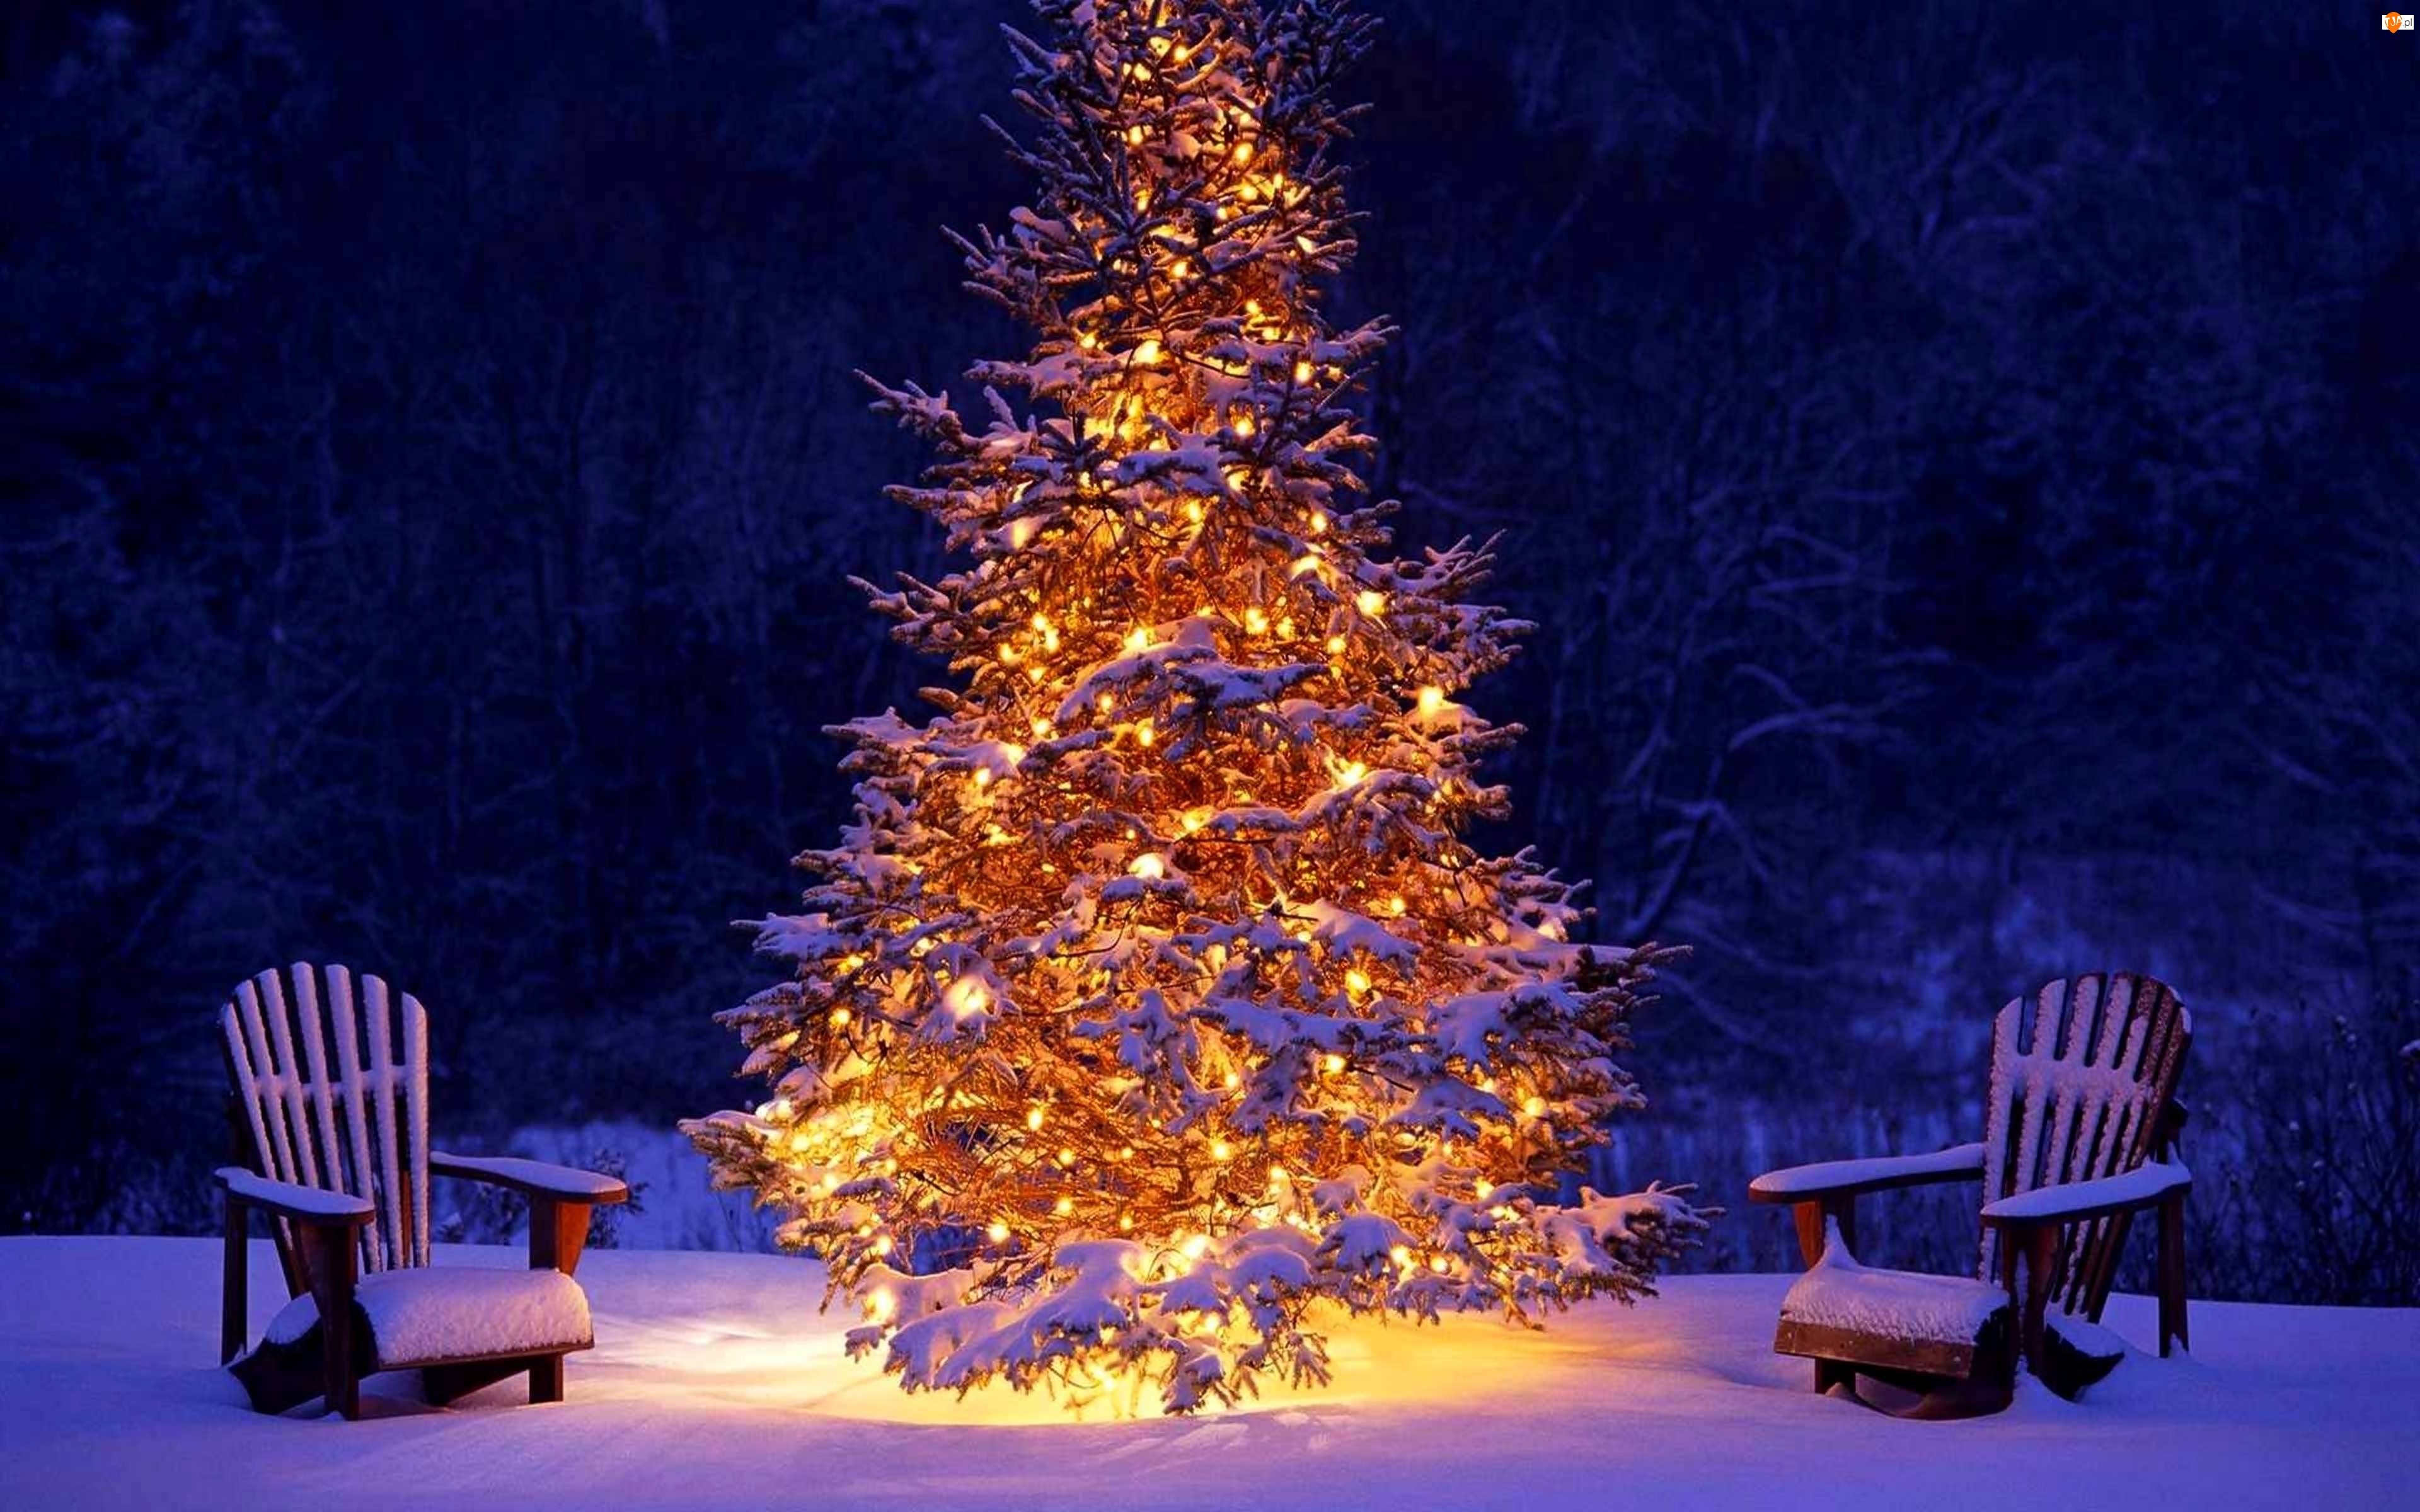 Zima, Oświetlona, Fotele, Choinka, Śnieg